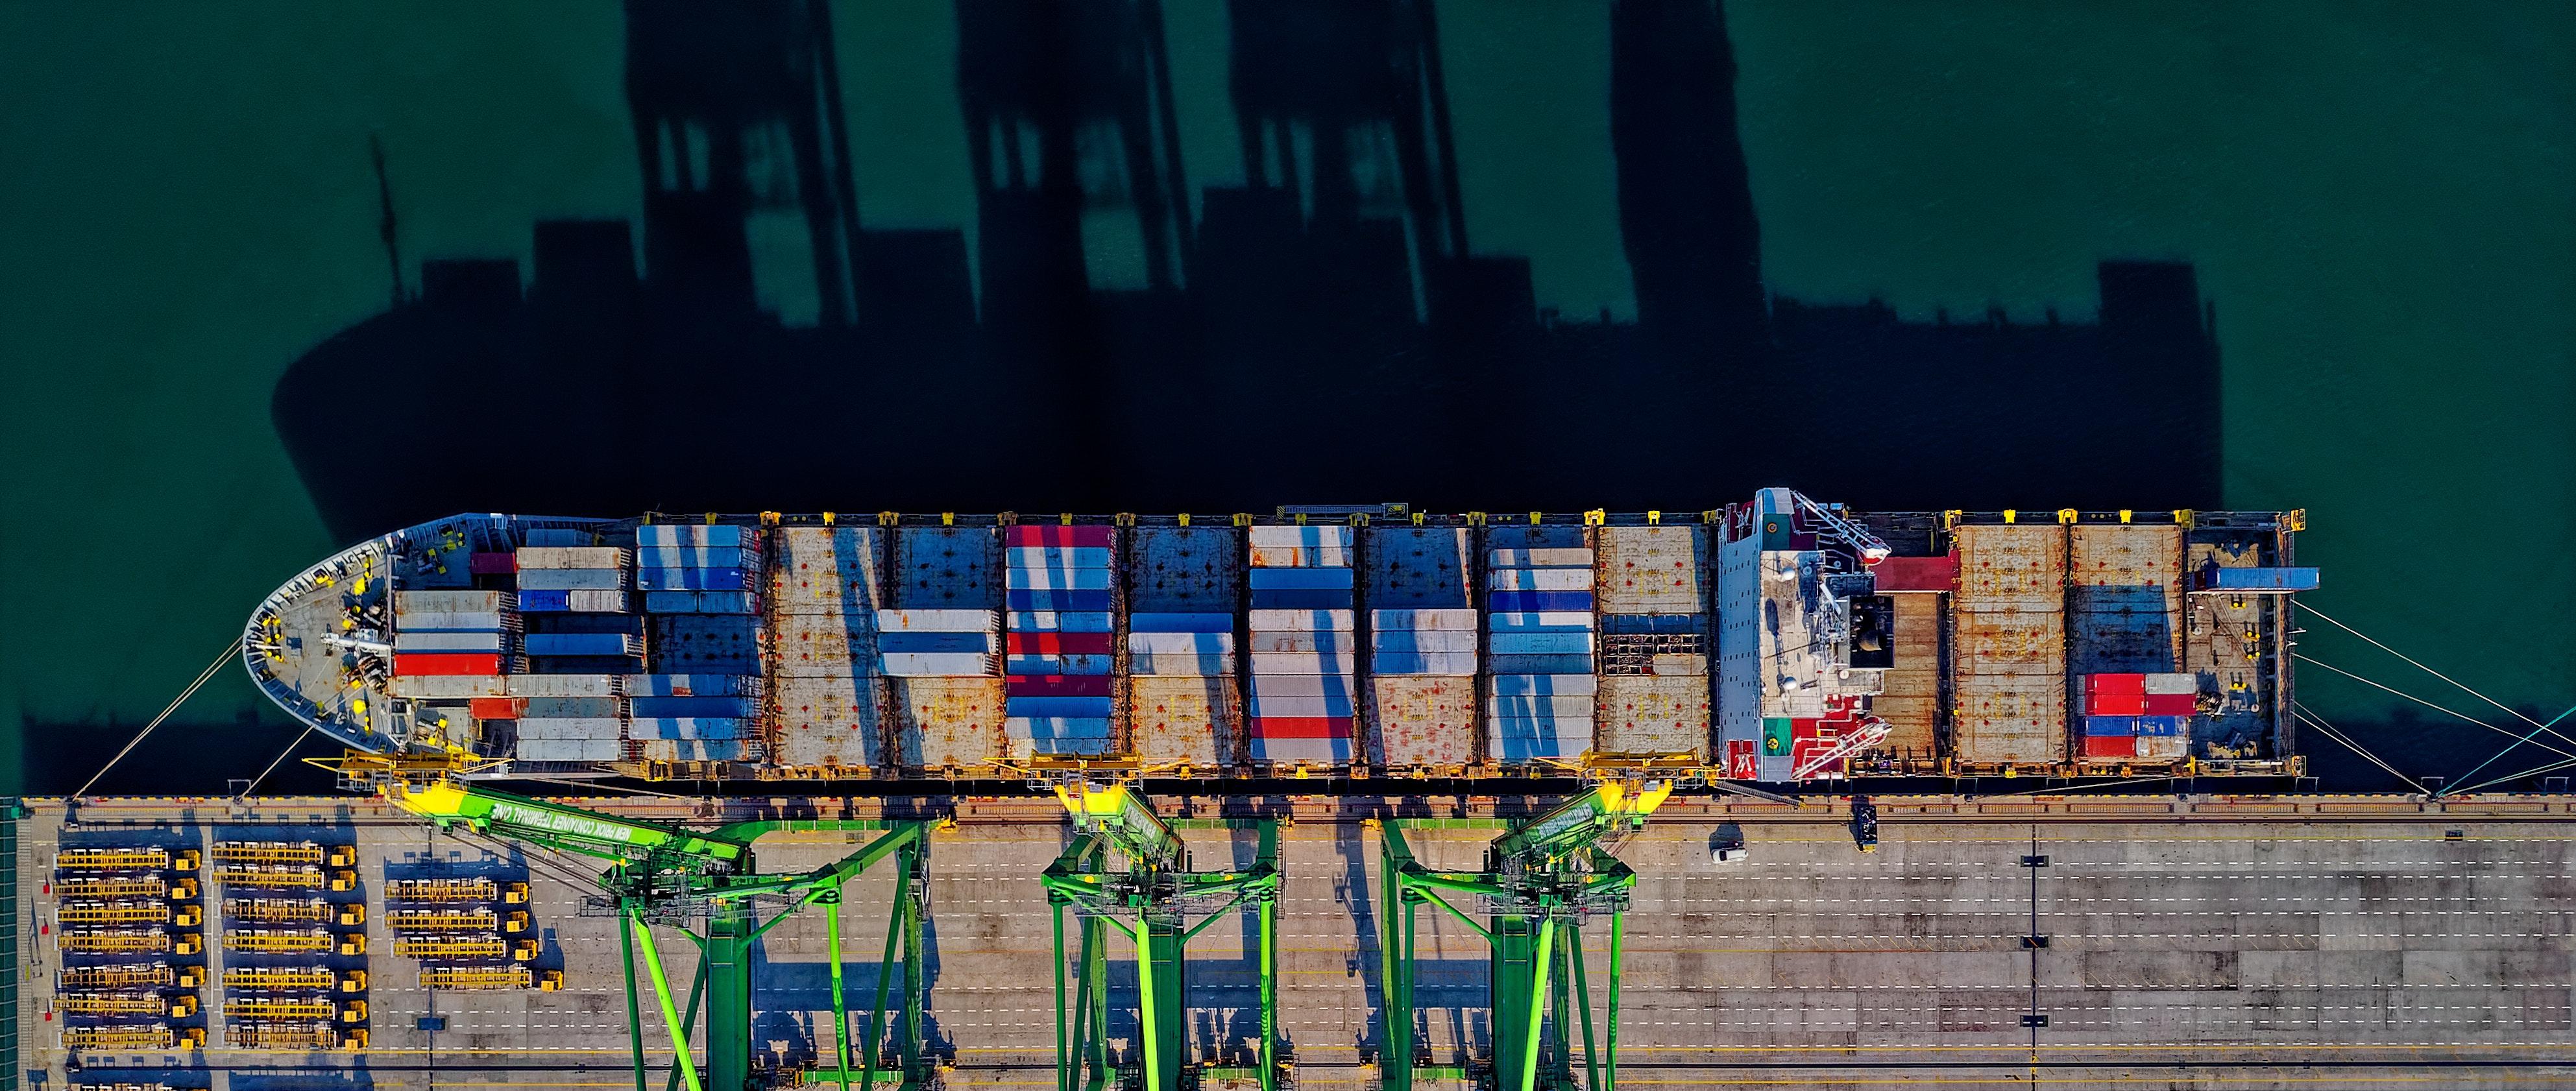 déménagement maritime déménagement en conteneur déménager par bateau